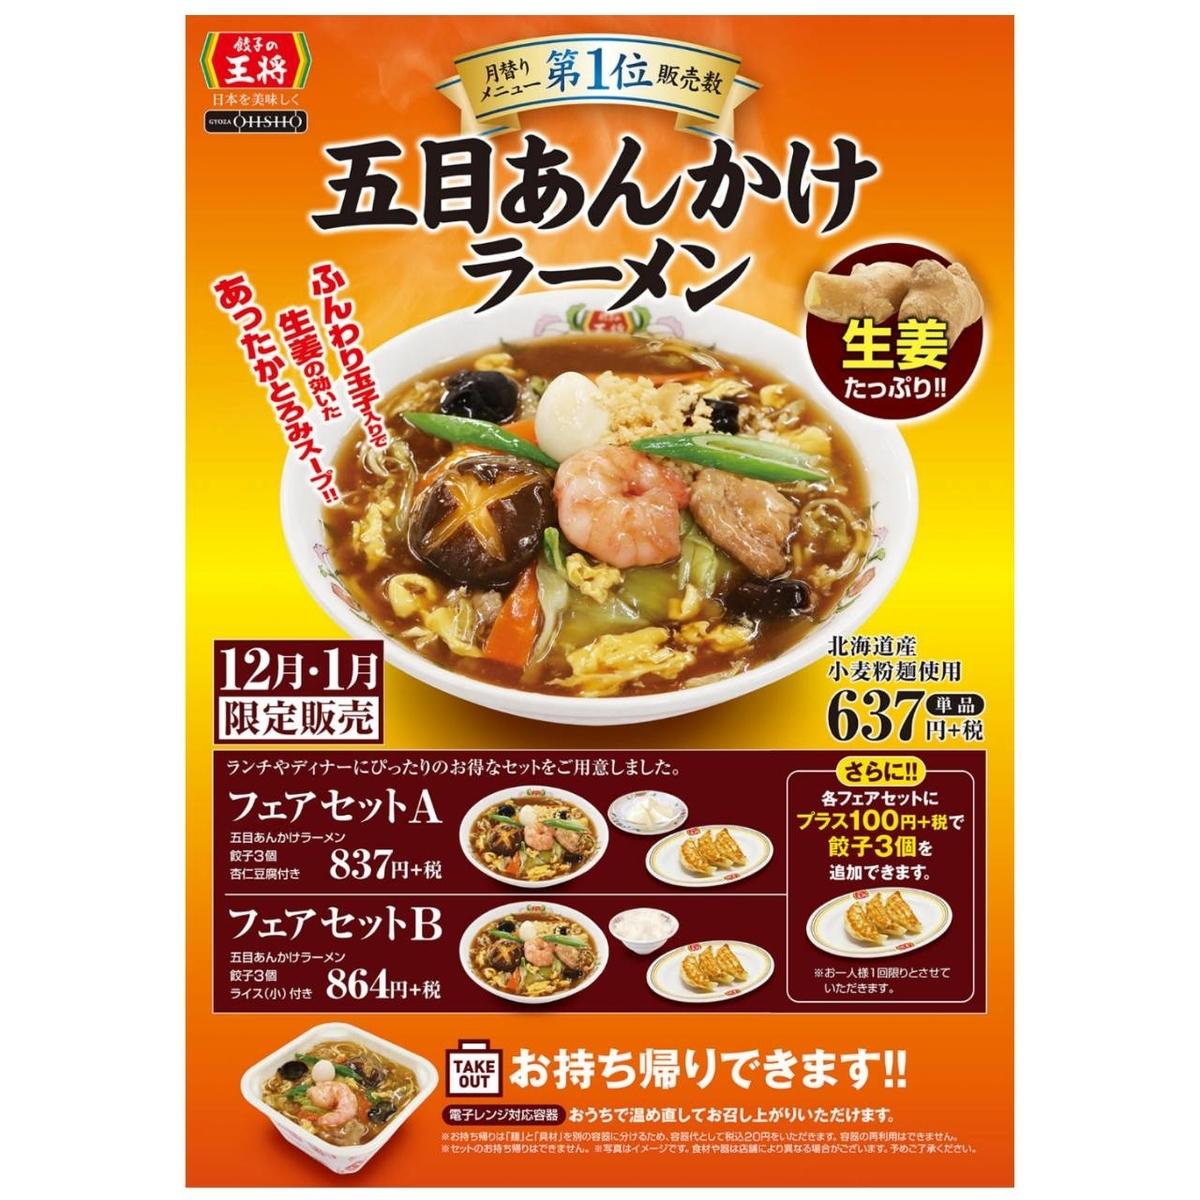 餃子の王将 五目あんかけラーメン 12月・1月期間限定メニュー 値段 口コミ レビュー